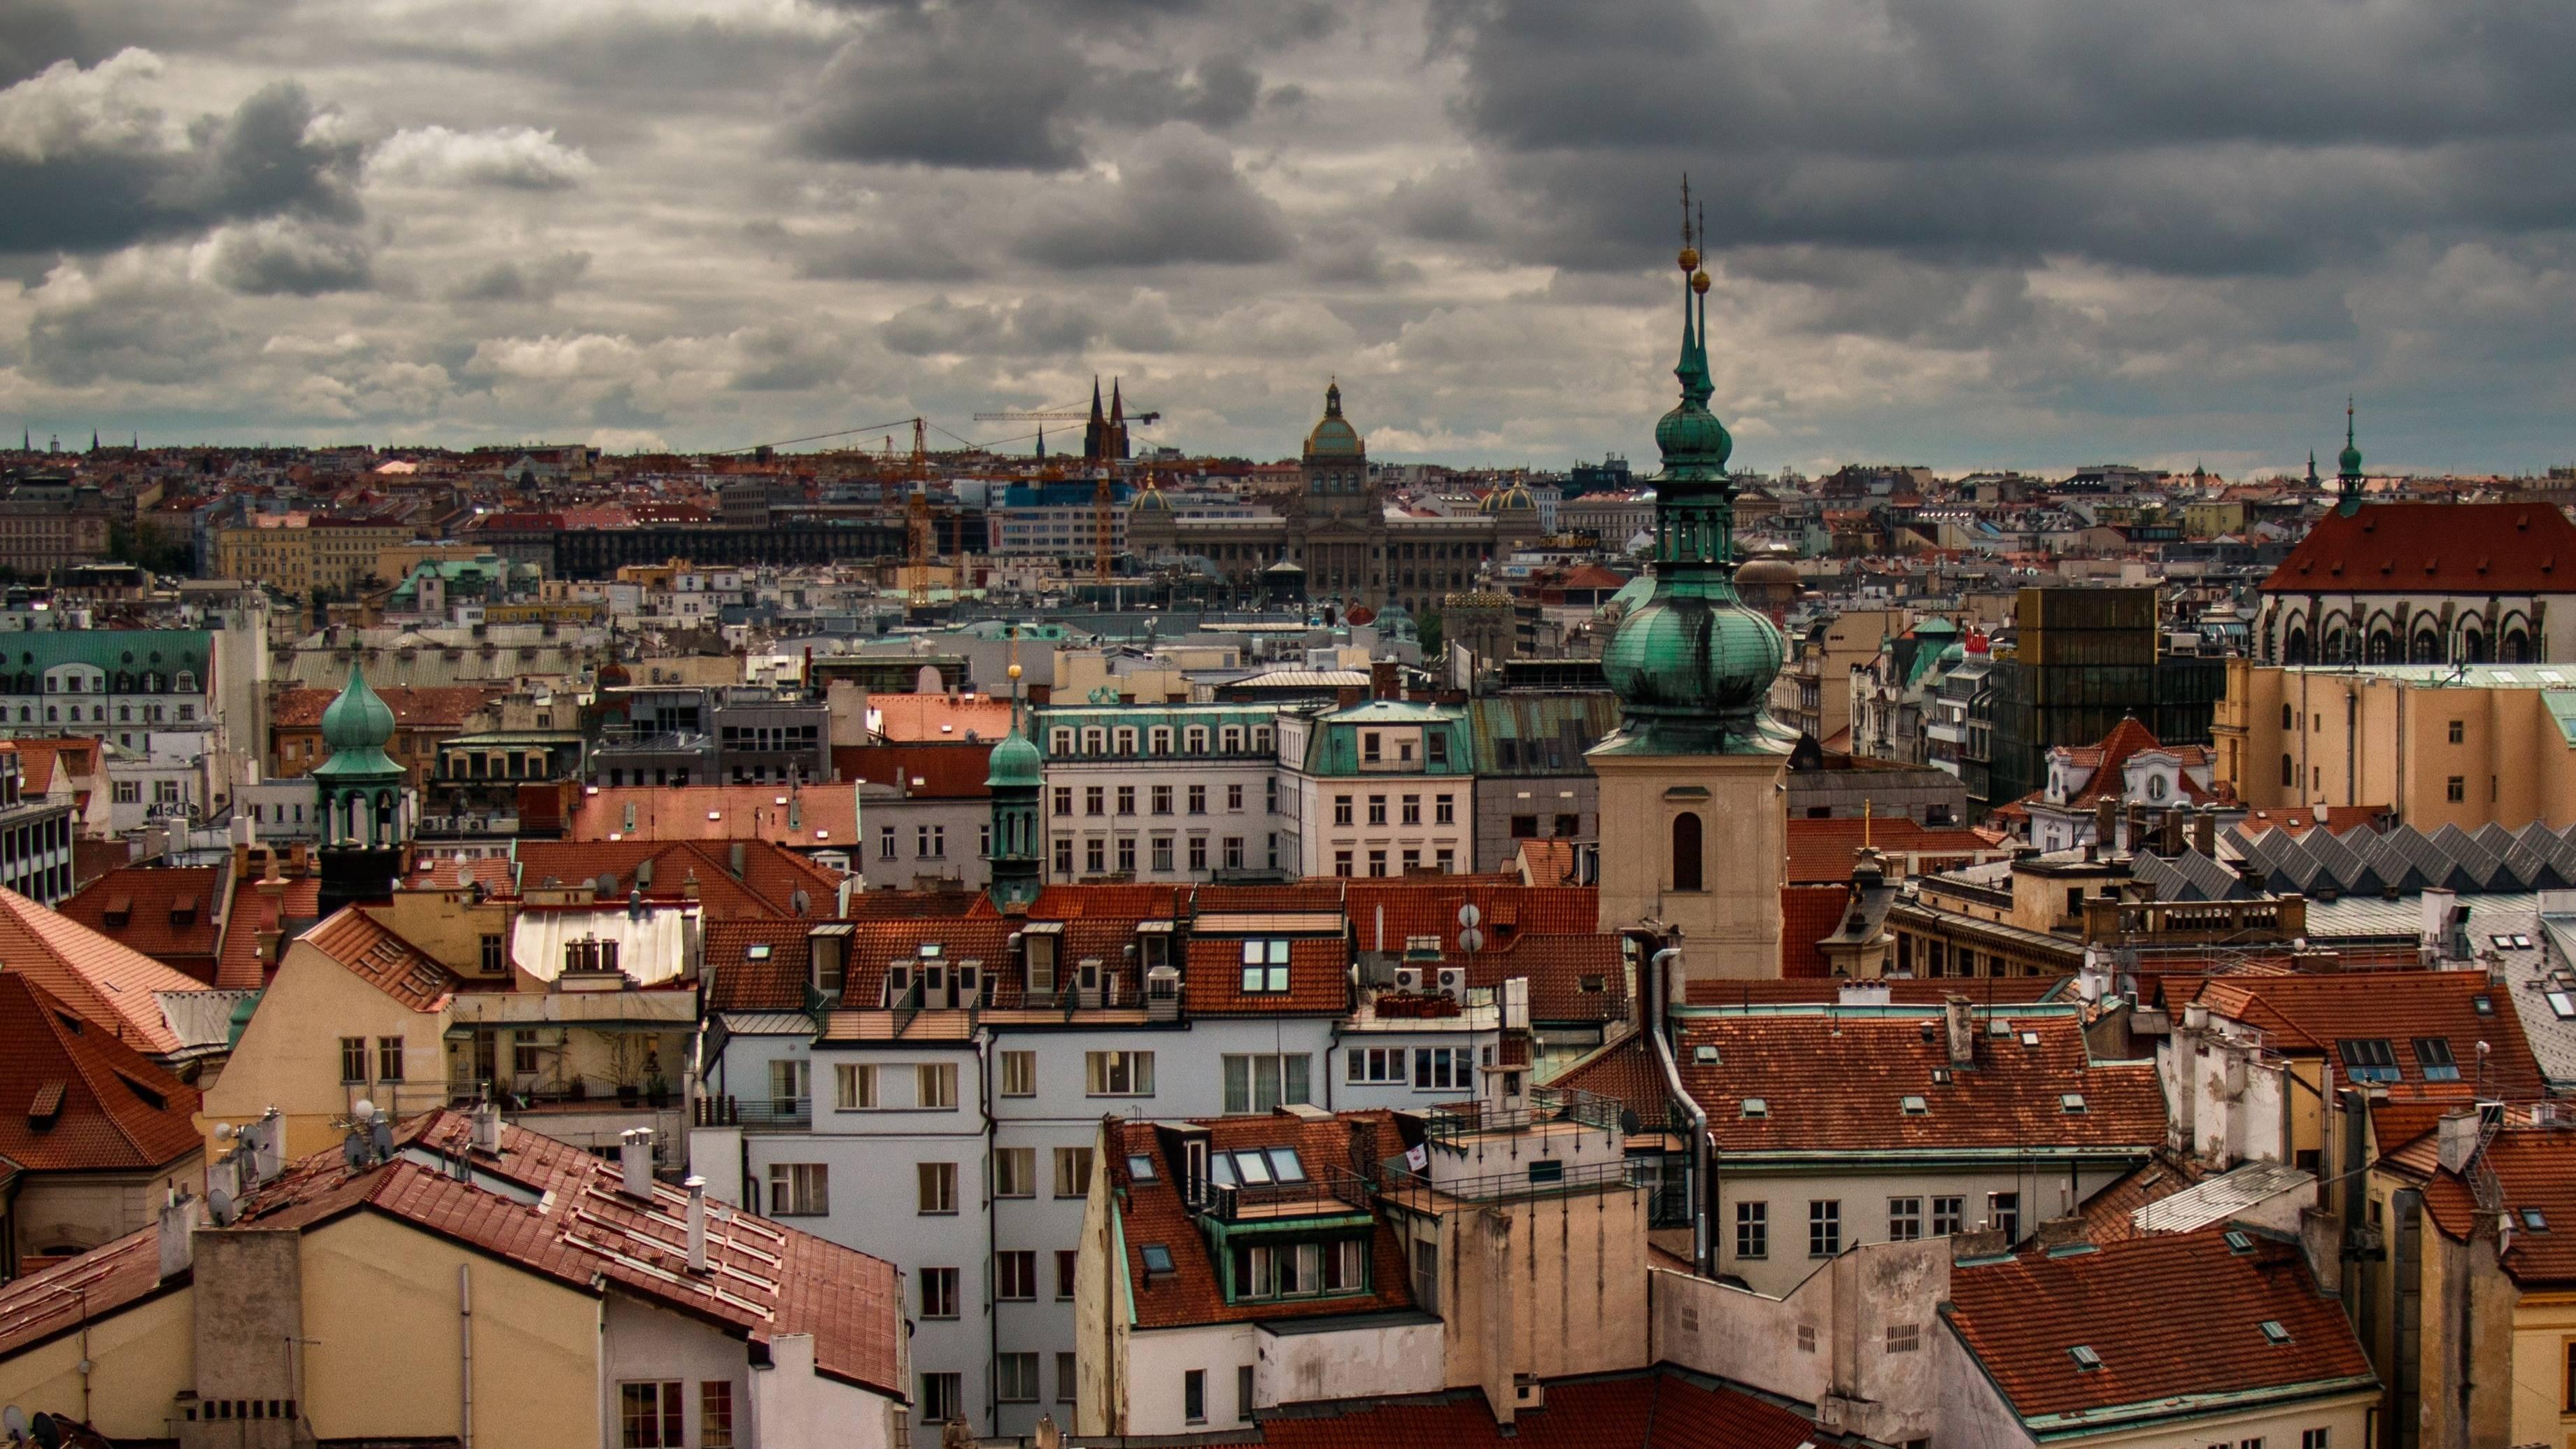 布拉格的古城内,竟然有个苹果手机博物馆?